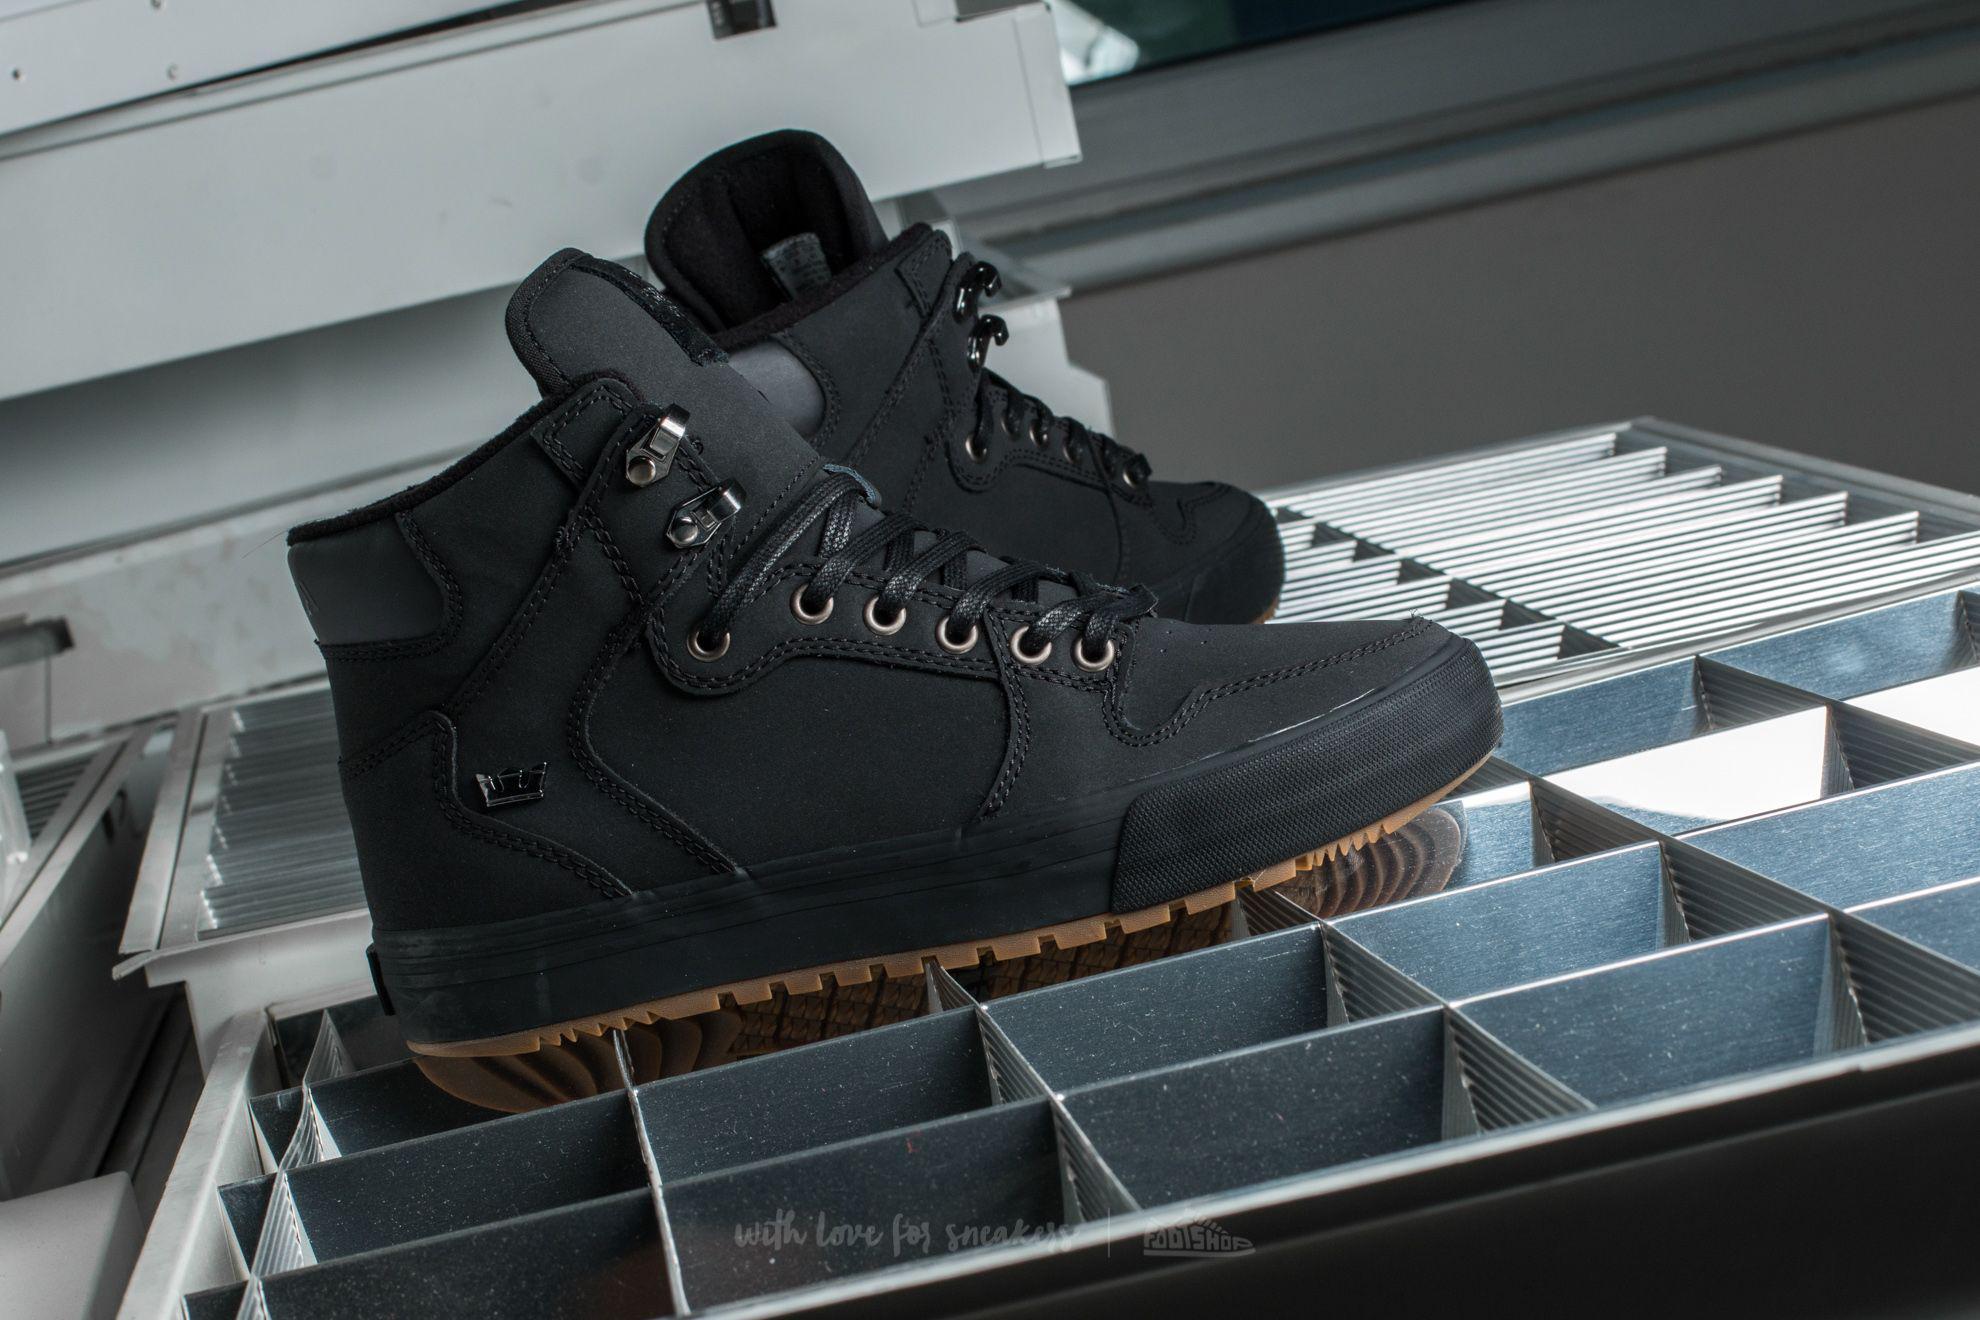 Black Gum Supra Vaider CW Shoes Black